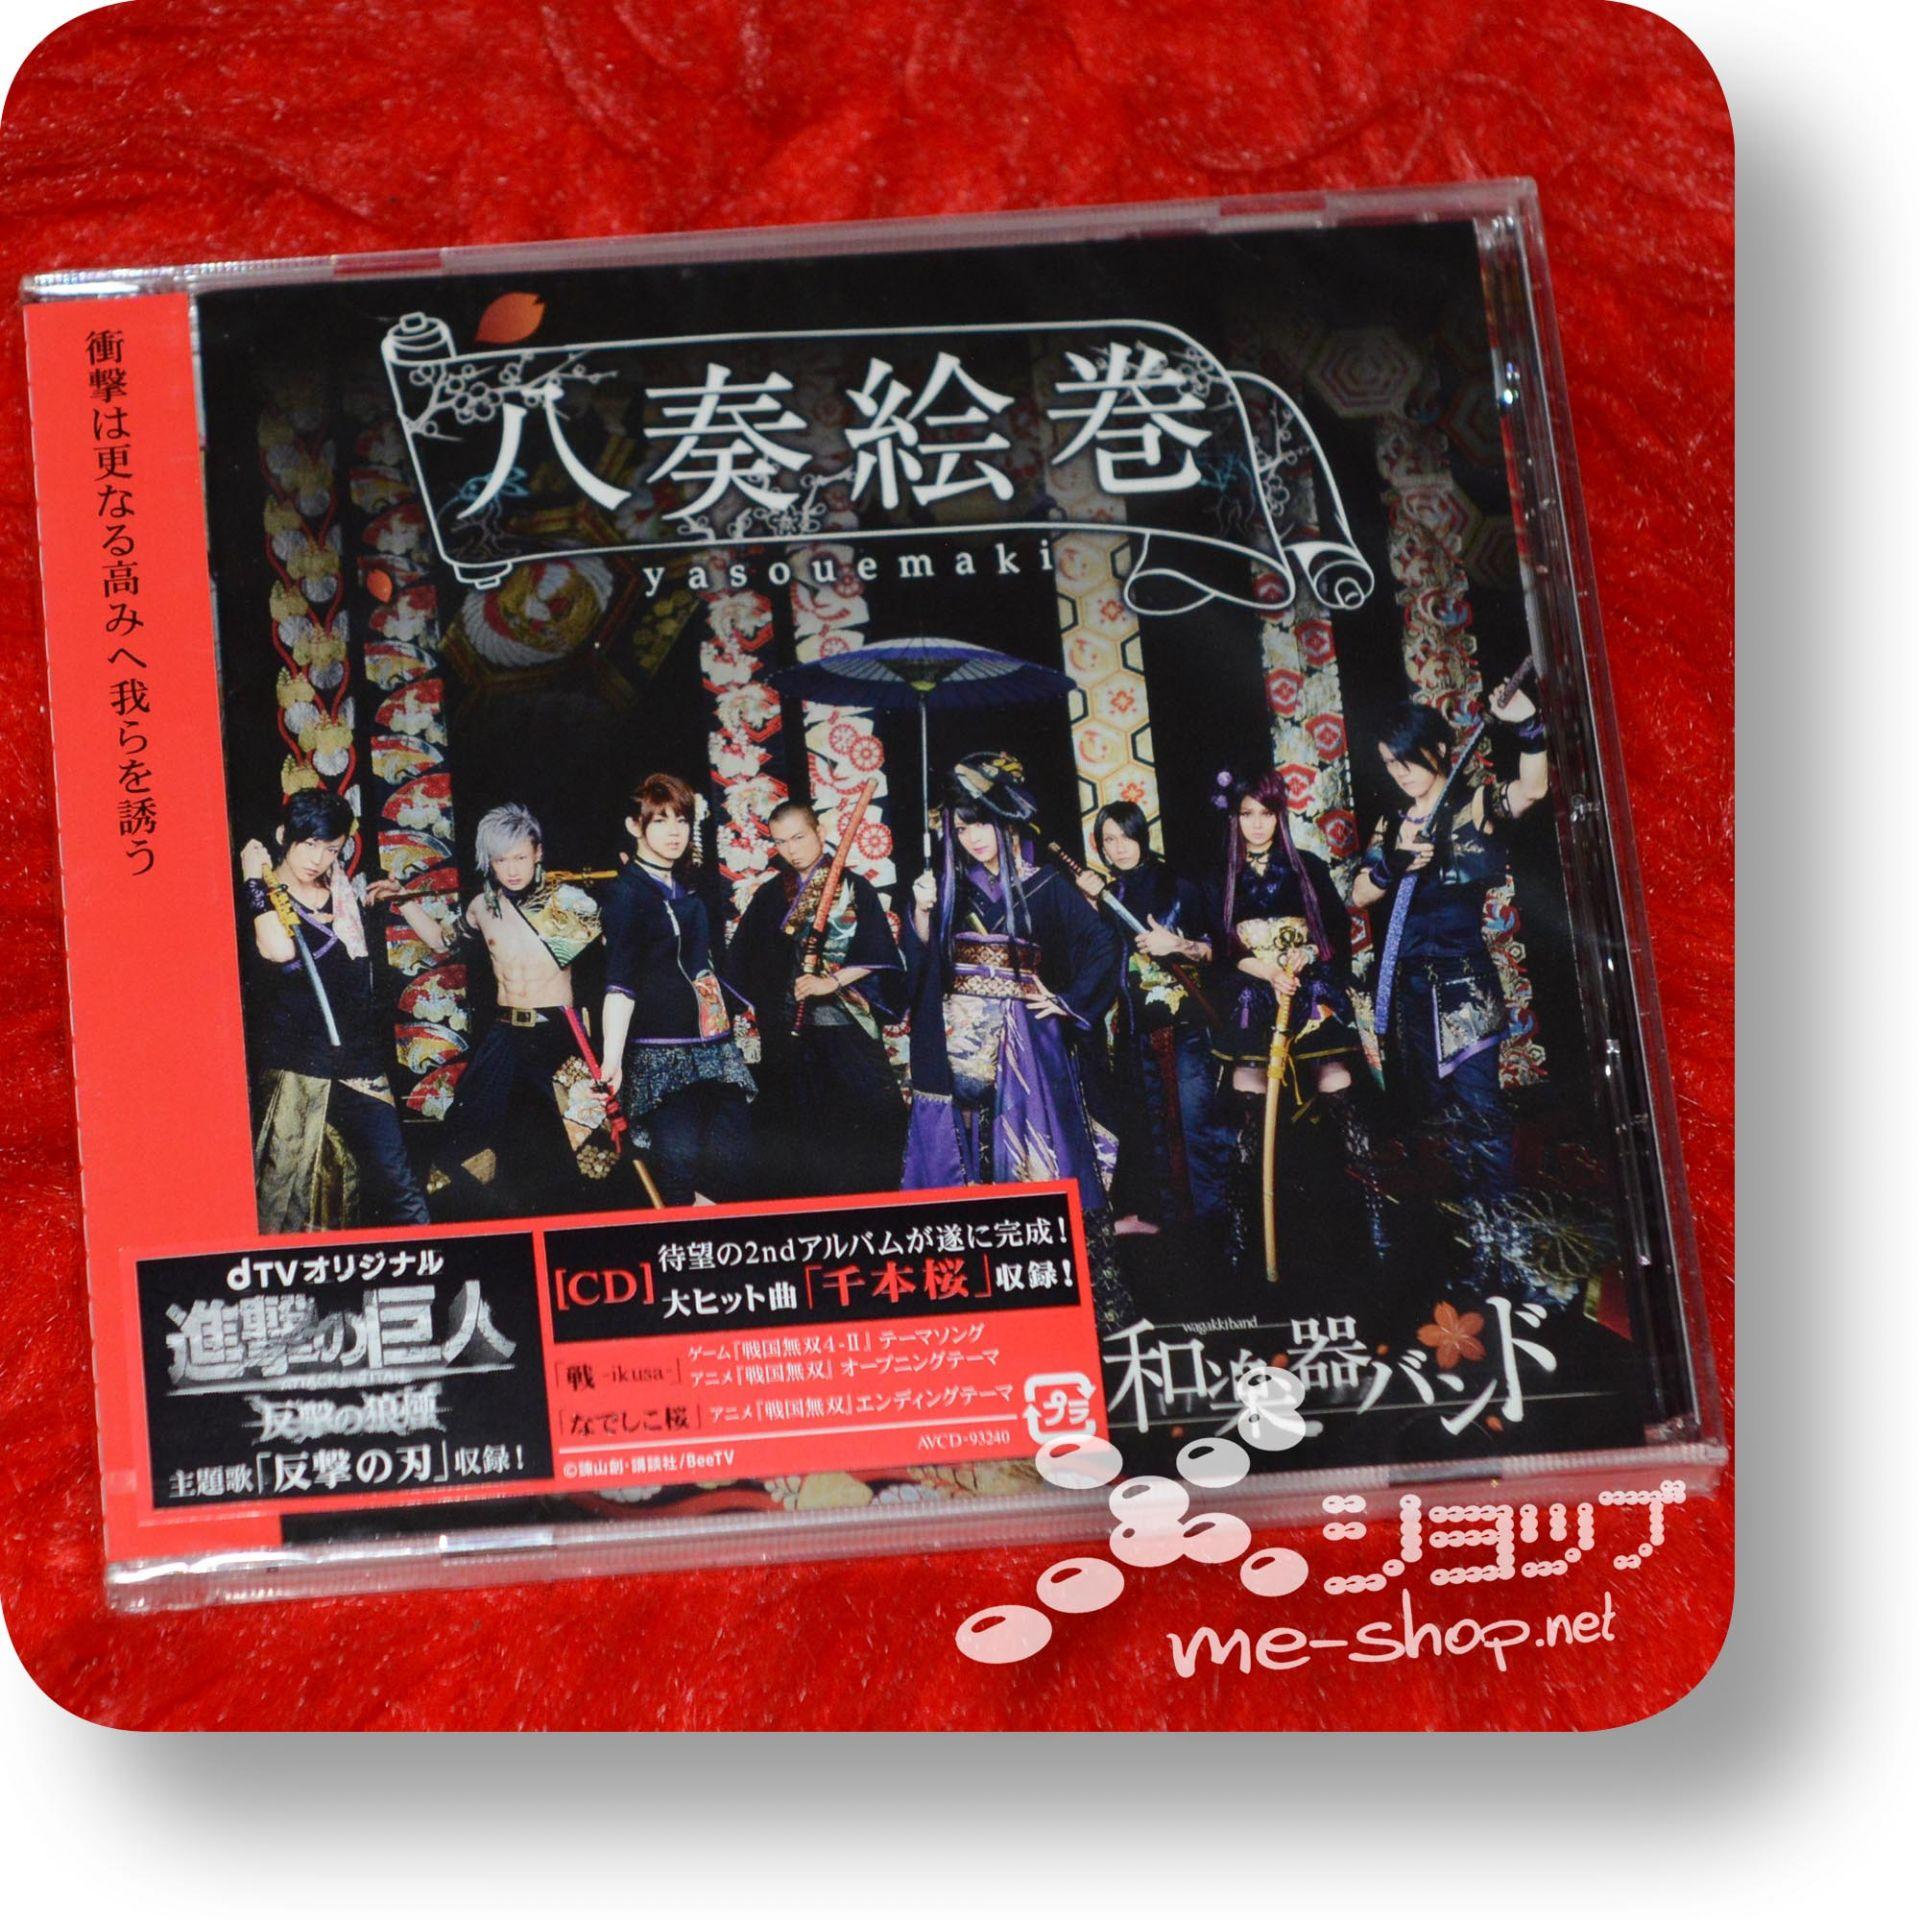 wagakki band yasouemaki